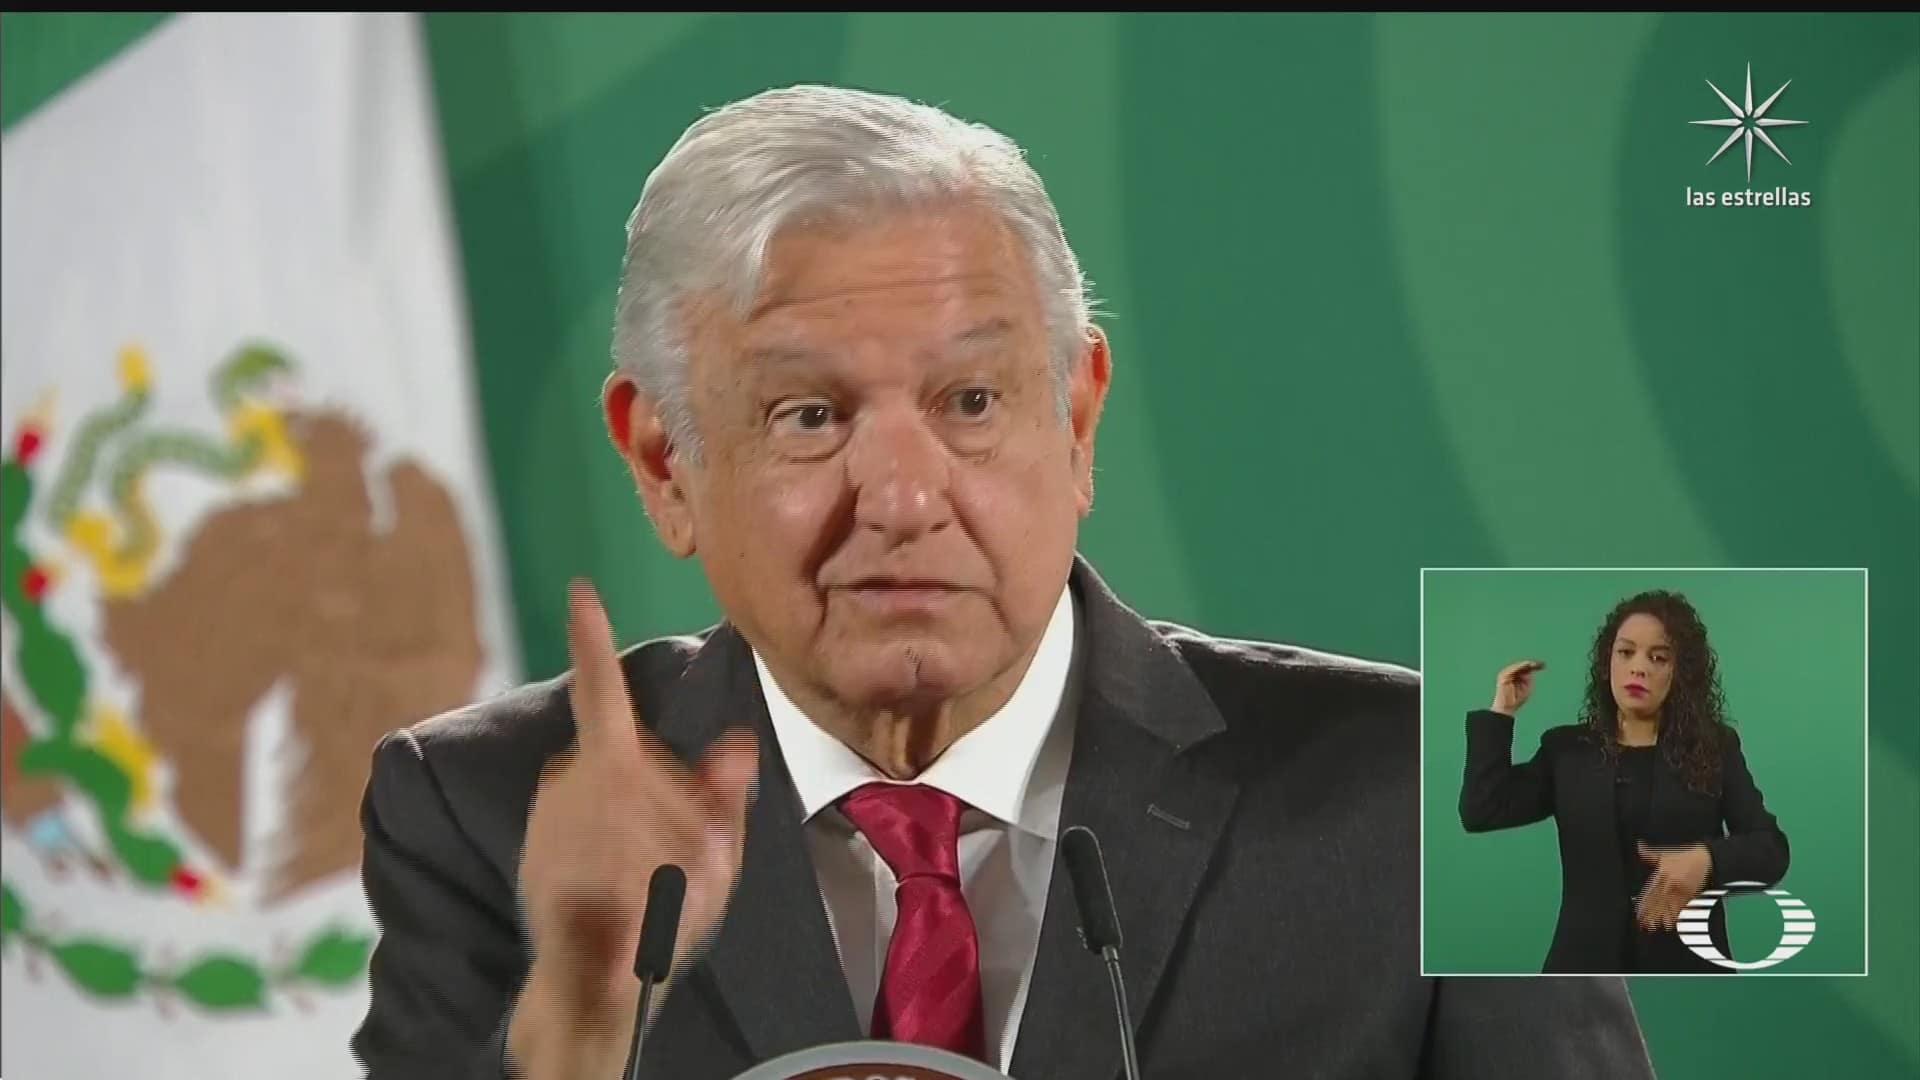 amlo anuncia que no propondra ninguna reforma fiscal